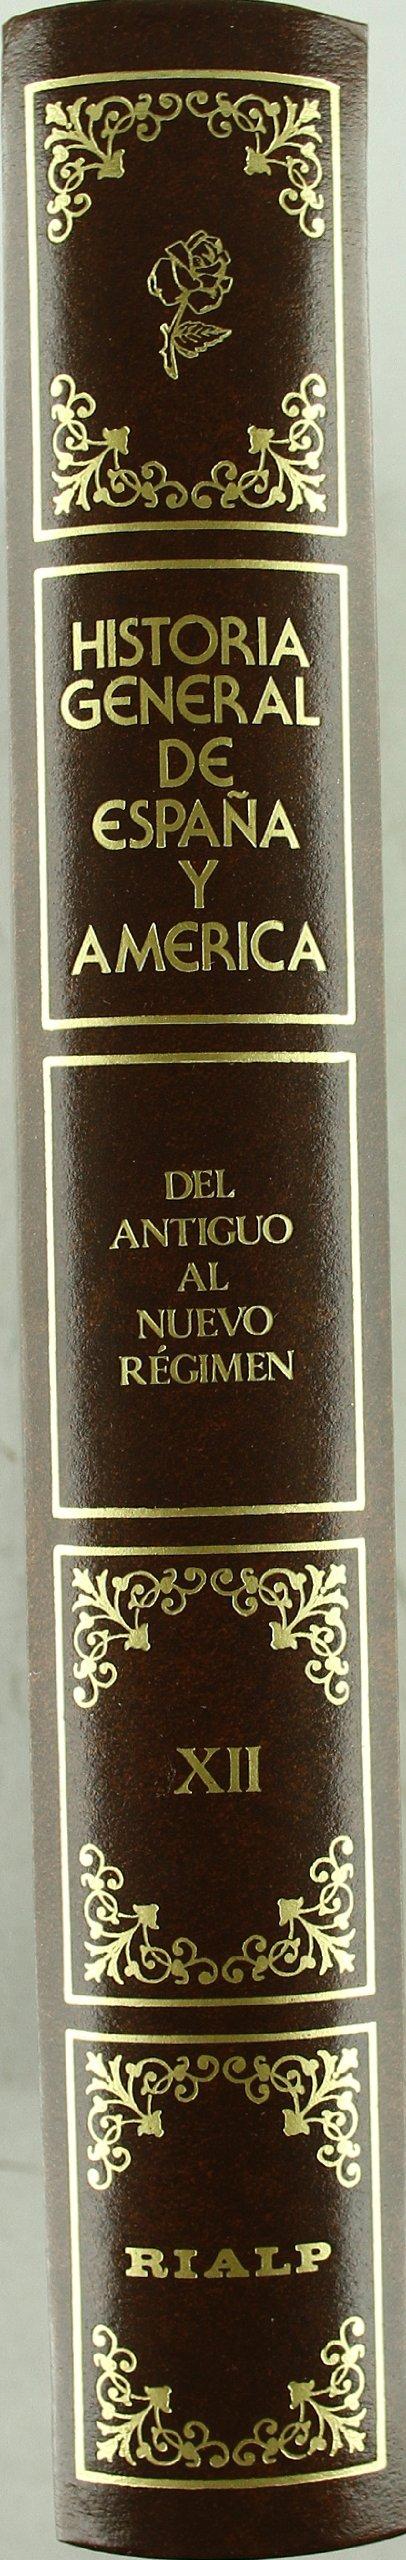 Del antiguo al nuevo régimen. Hasta la muerte de Fernando VII. Tomo XII Hª General de España y América: Amazon.es: Comellas,Jose Luis (Coord.), Comellas,Jose Luis (Coord.): Libros